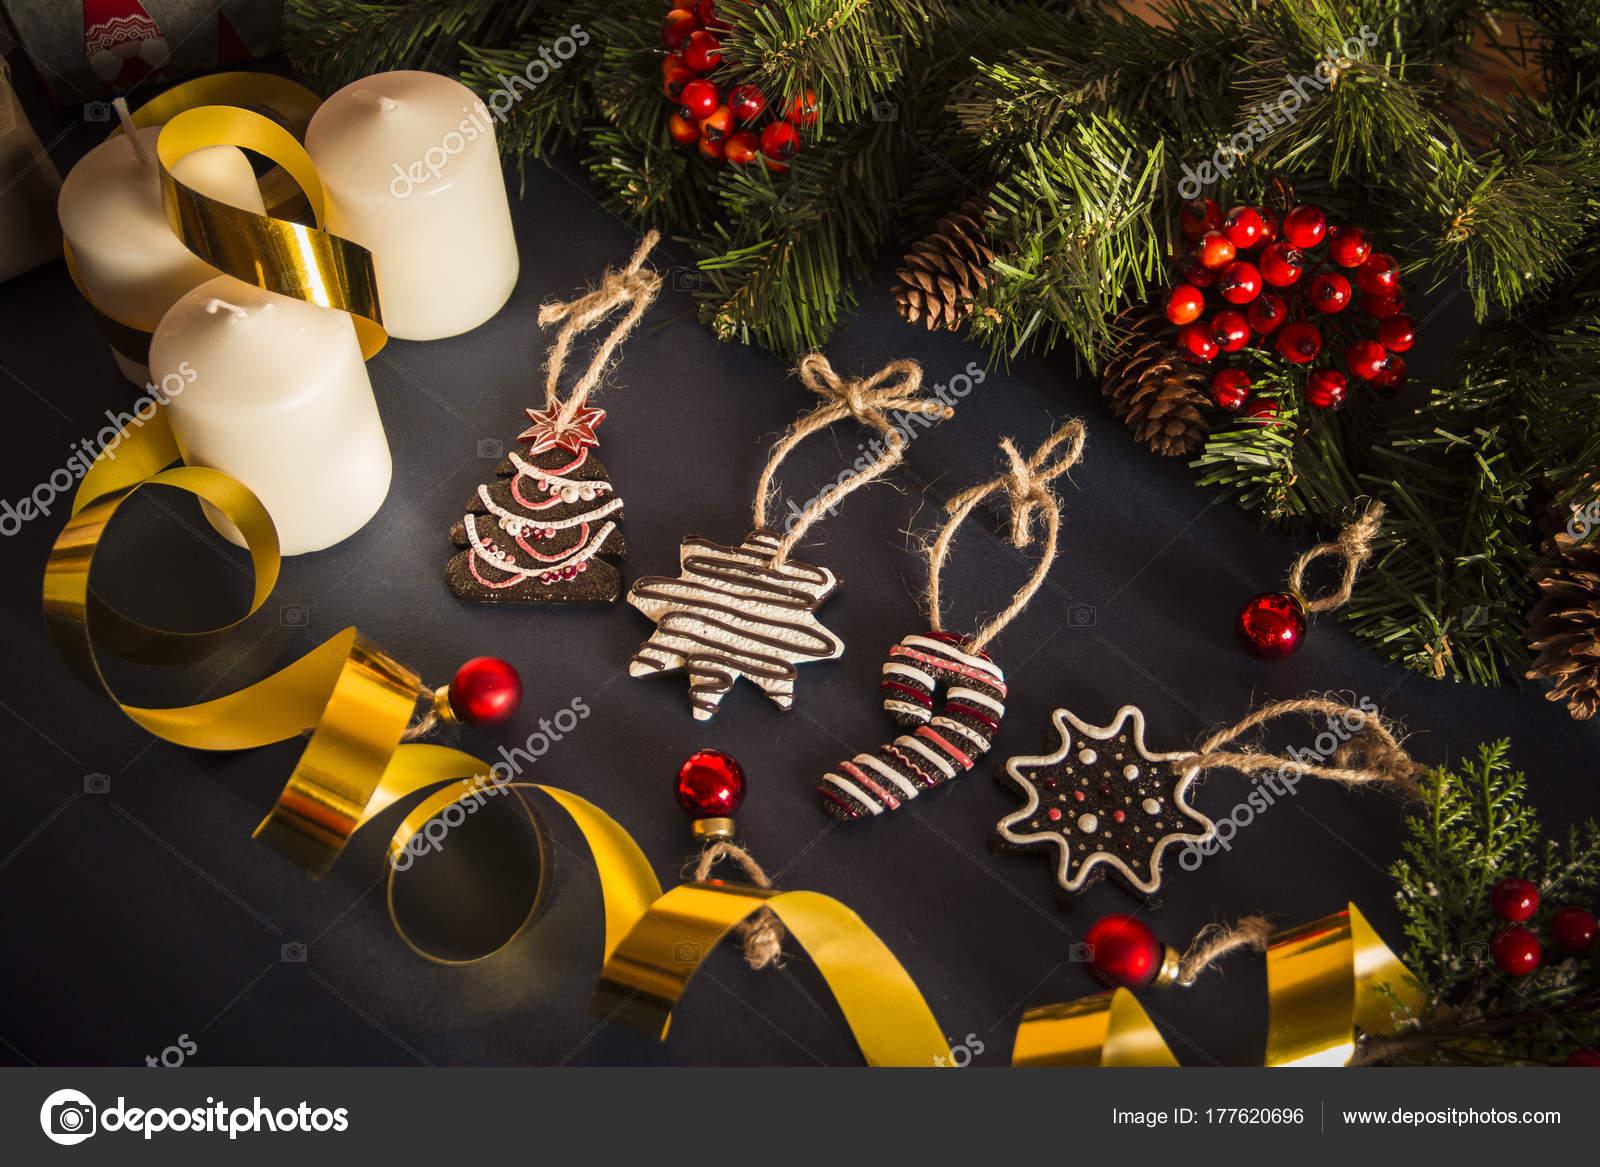 Schmuck Weihnachten.Weihnachten Stillleben Mit Kerzen Geschenke Und Schmuck Stockfoto